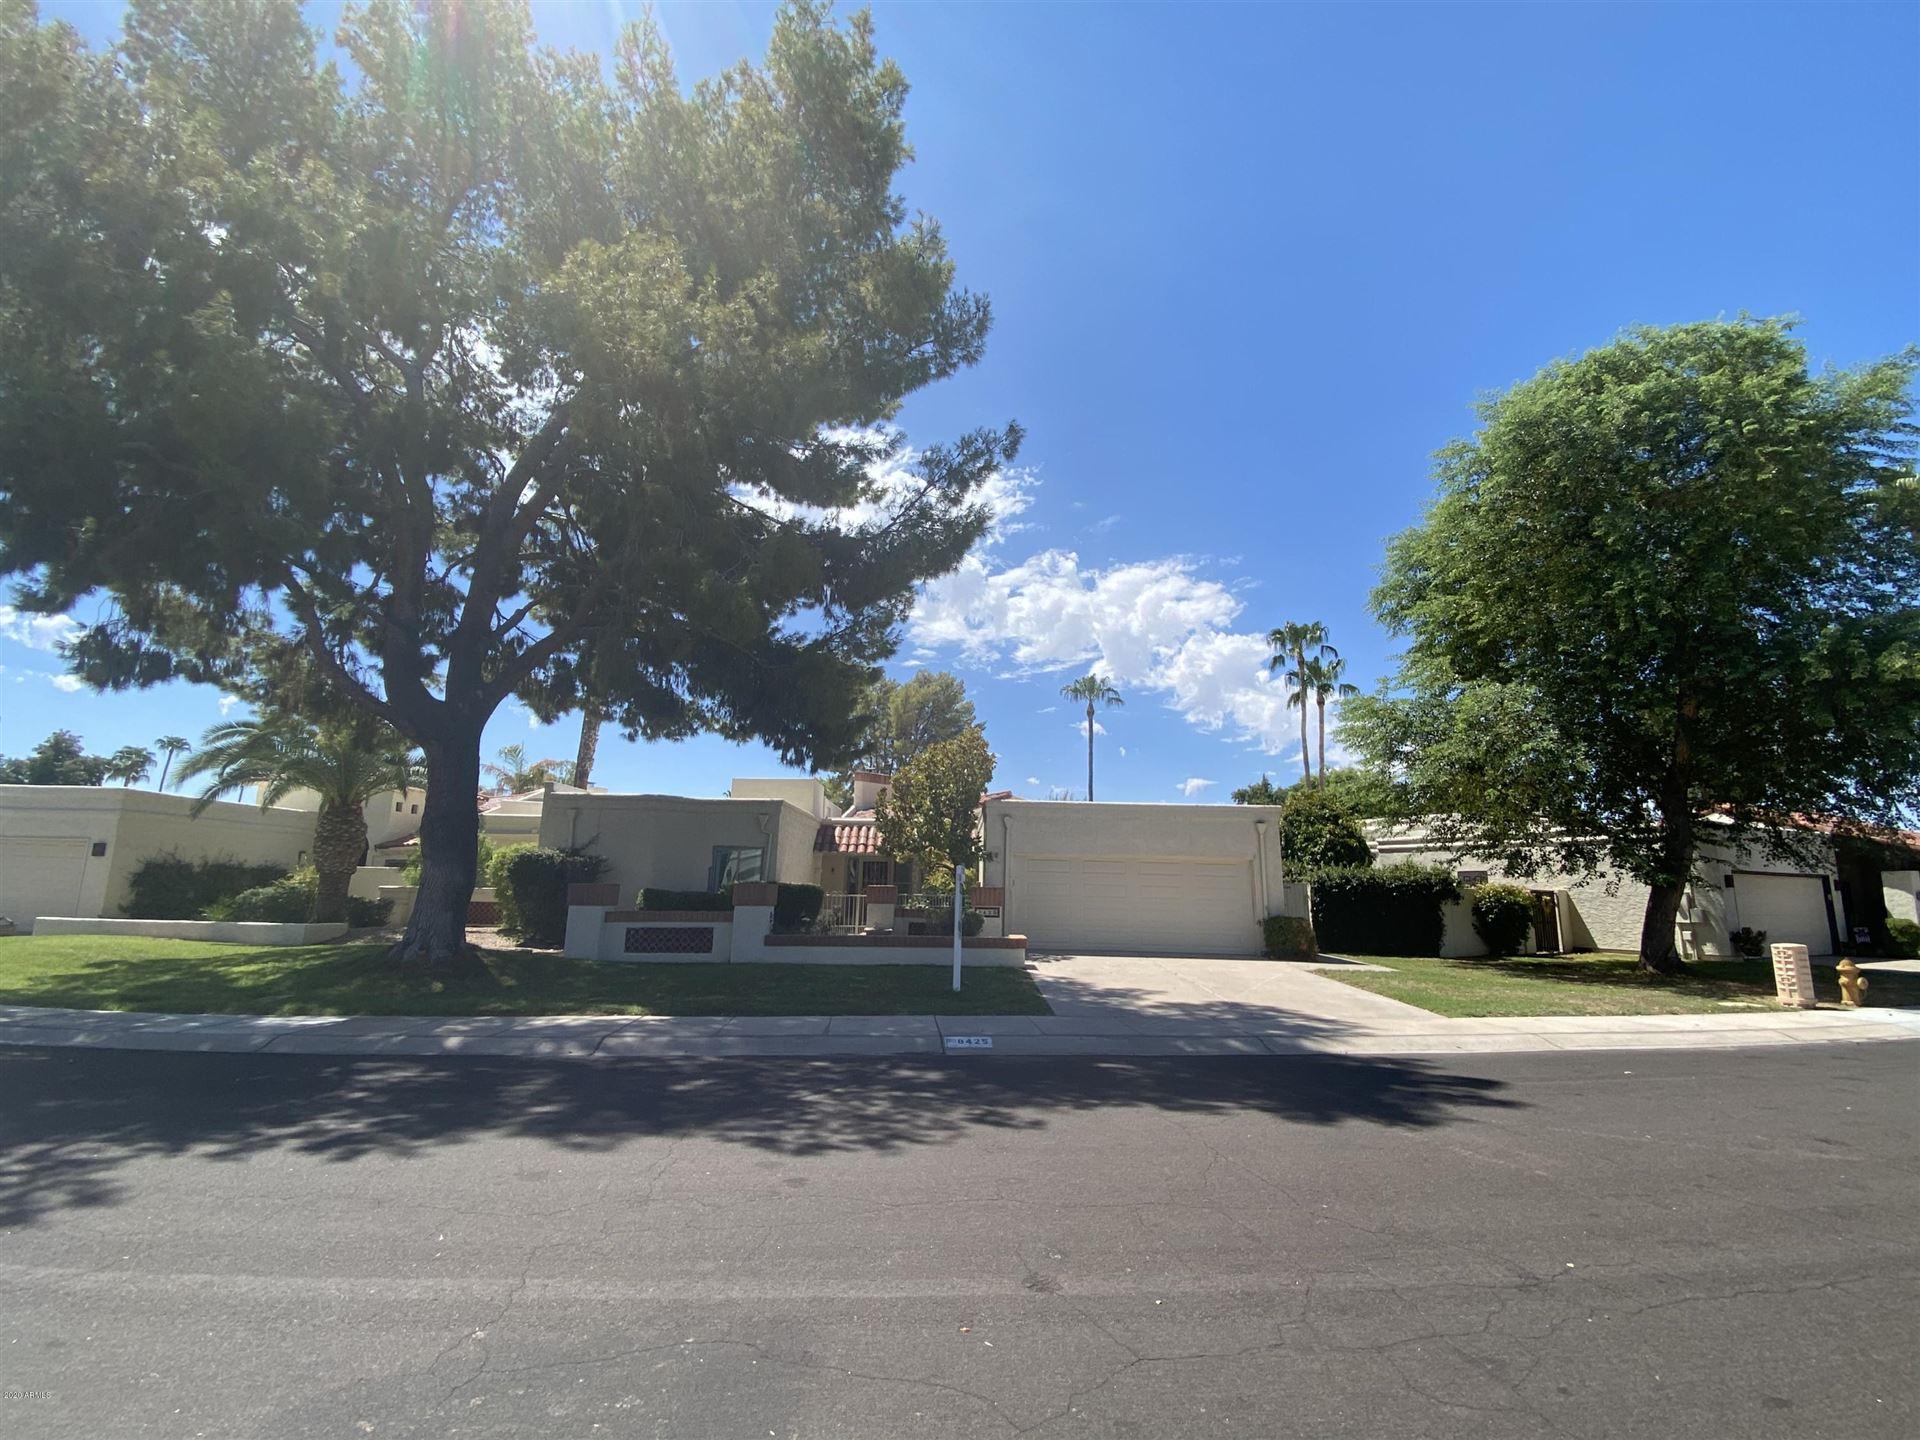 8425 E SAN CANDIDO Drive, Scottsdale, AZ 85258 - MLS#: 6117841